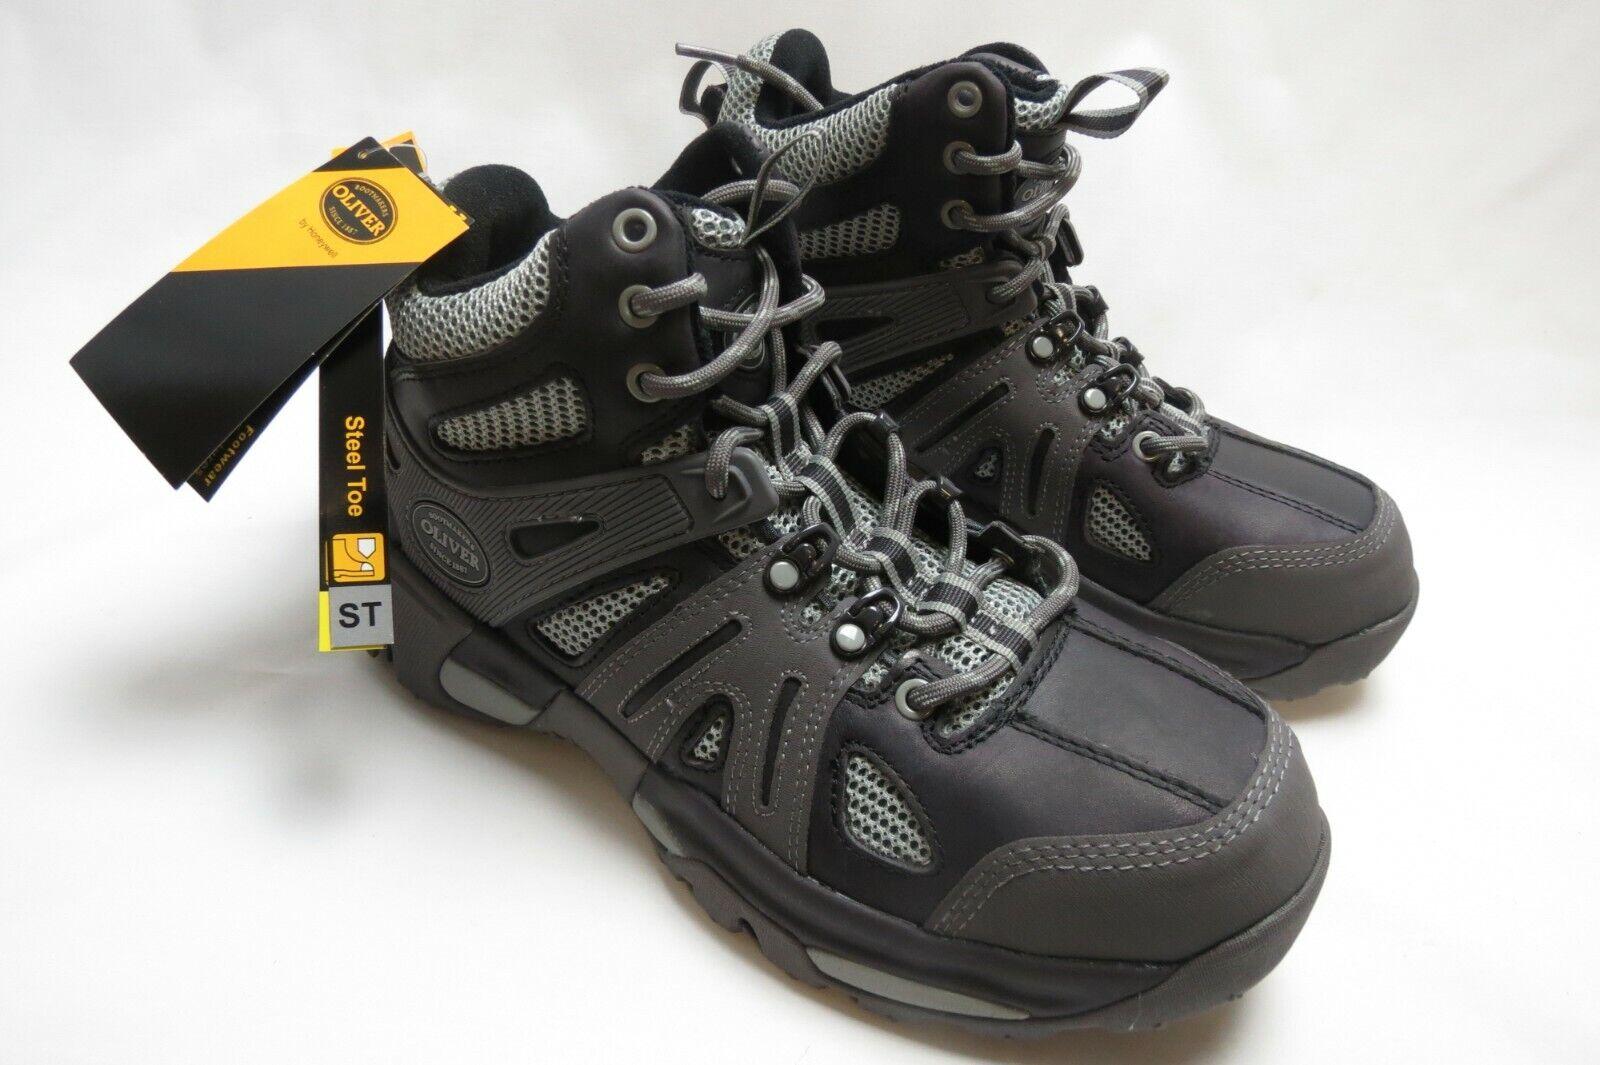 OliVER Para hombre Mid industrial excursionista Puntera De Acero Trabajo botas Zapato Nuevo